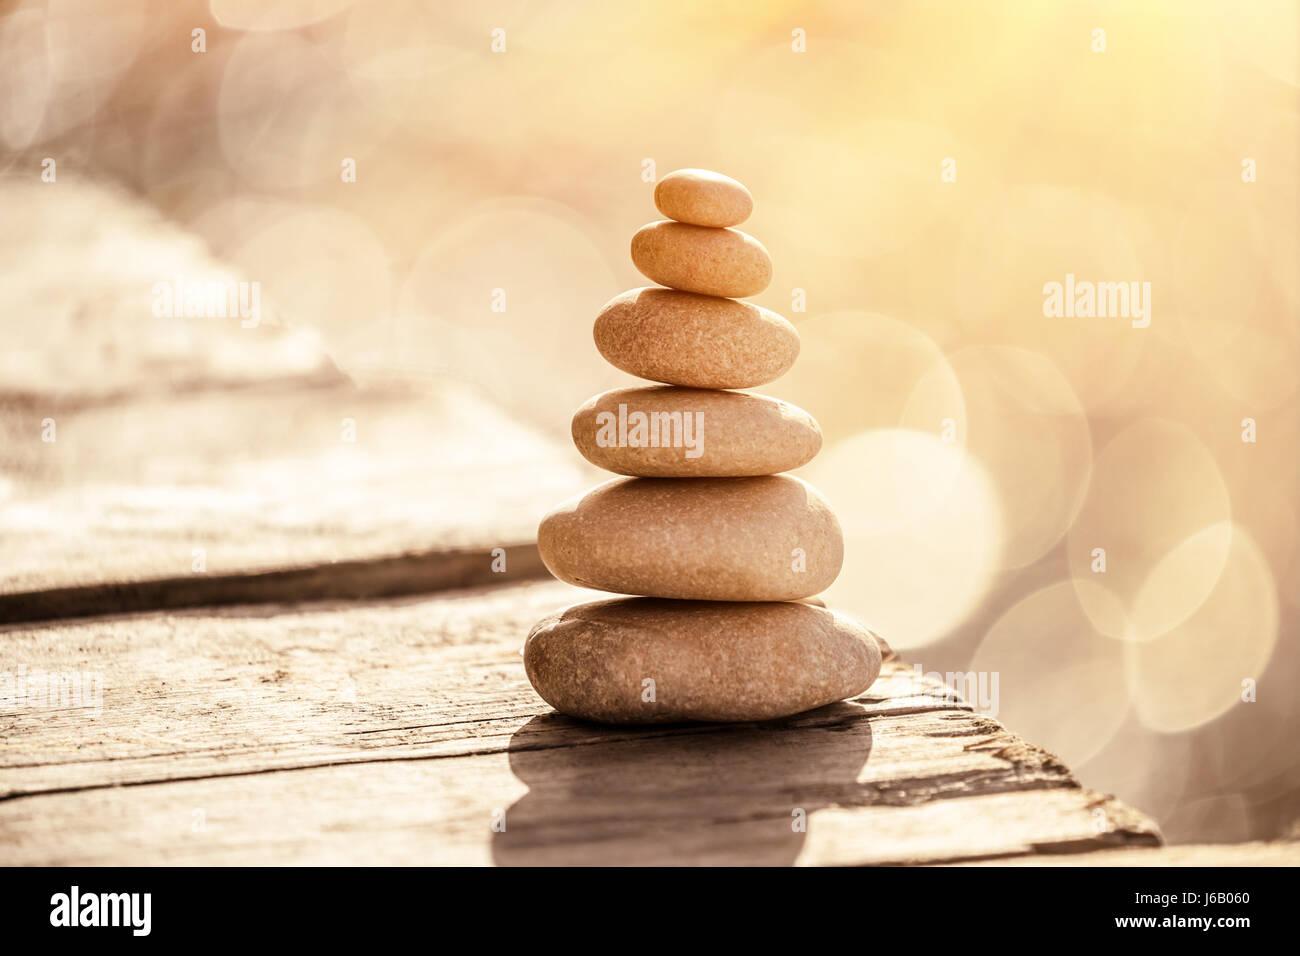 Spa piedras todavía la vida en la playa, pila de piedras en el paseo por el mar en el atardecer de luz, paz Imagen De Stock